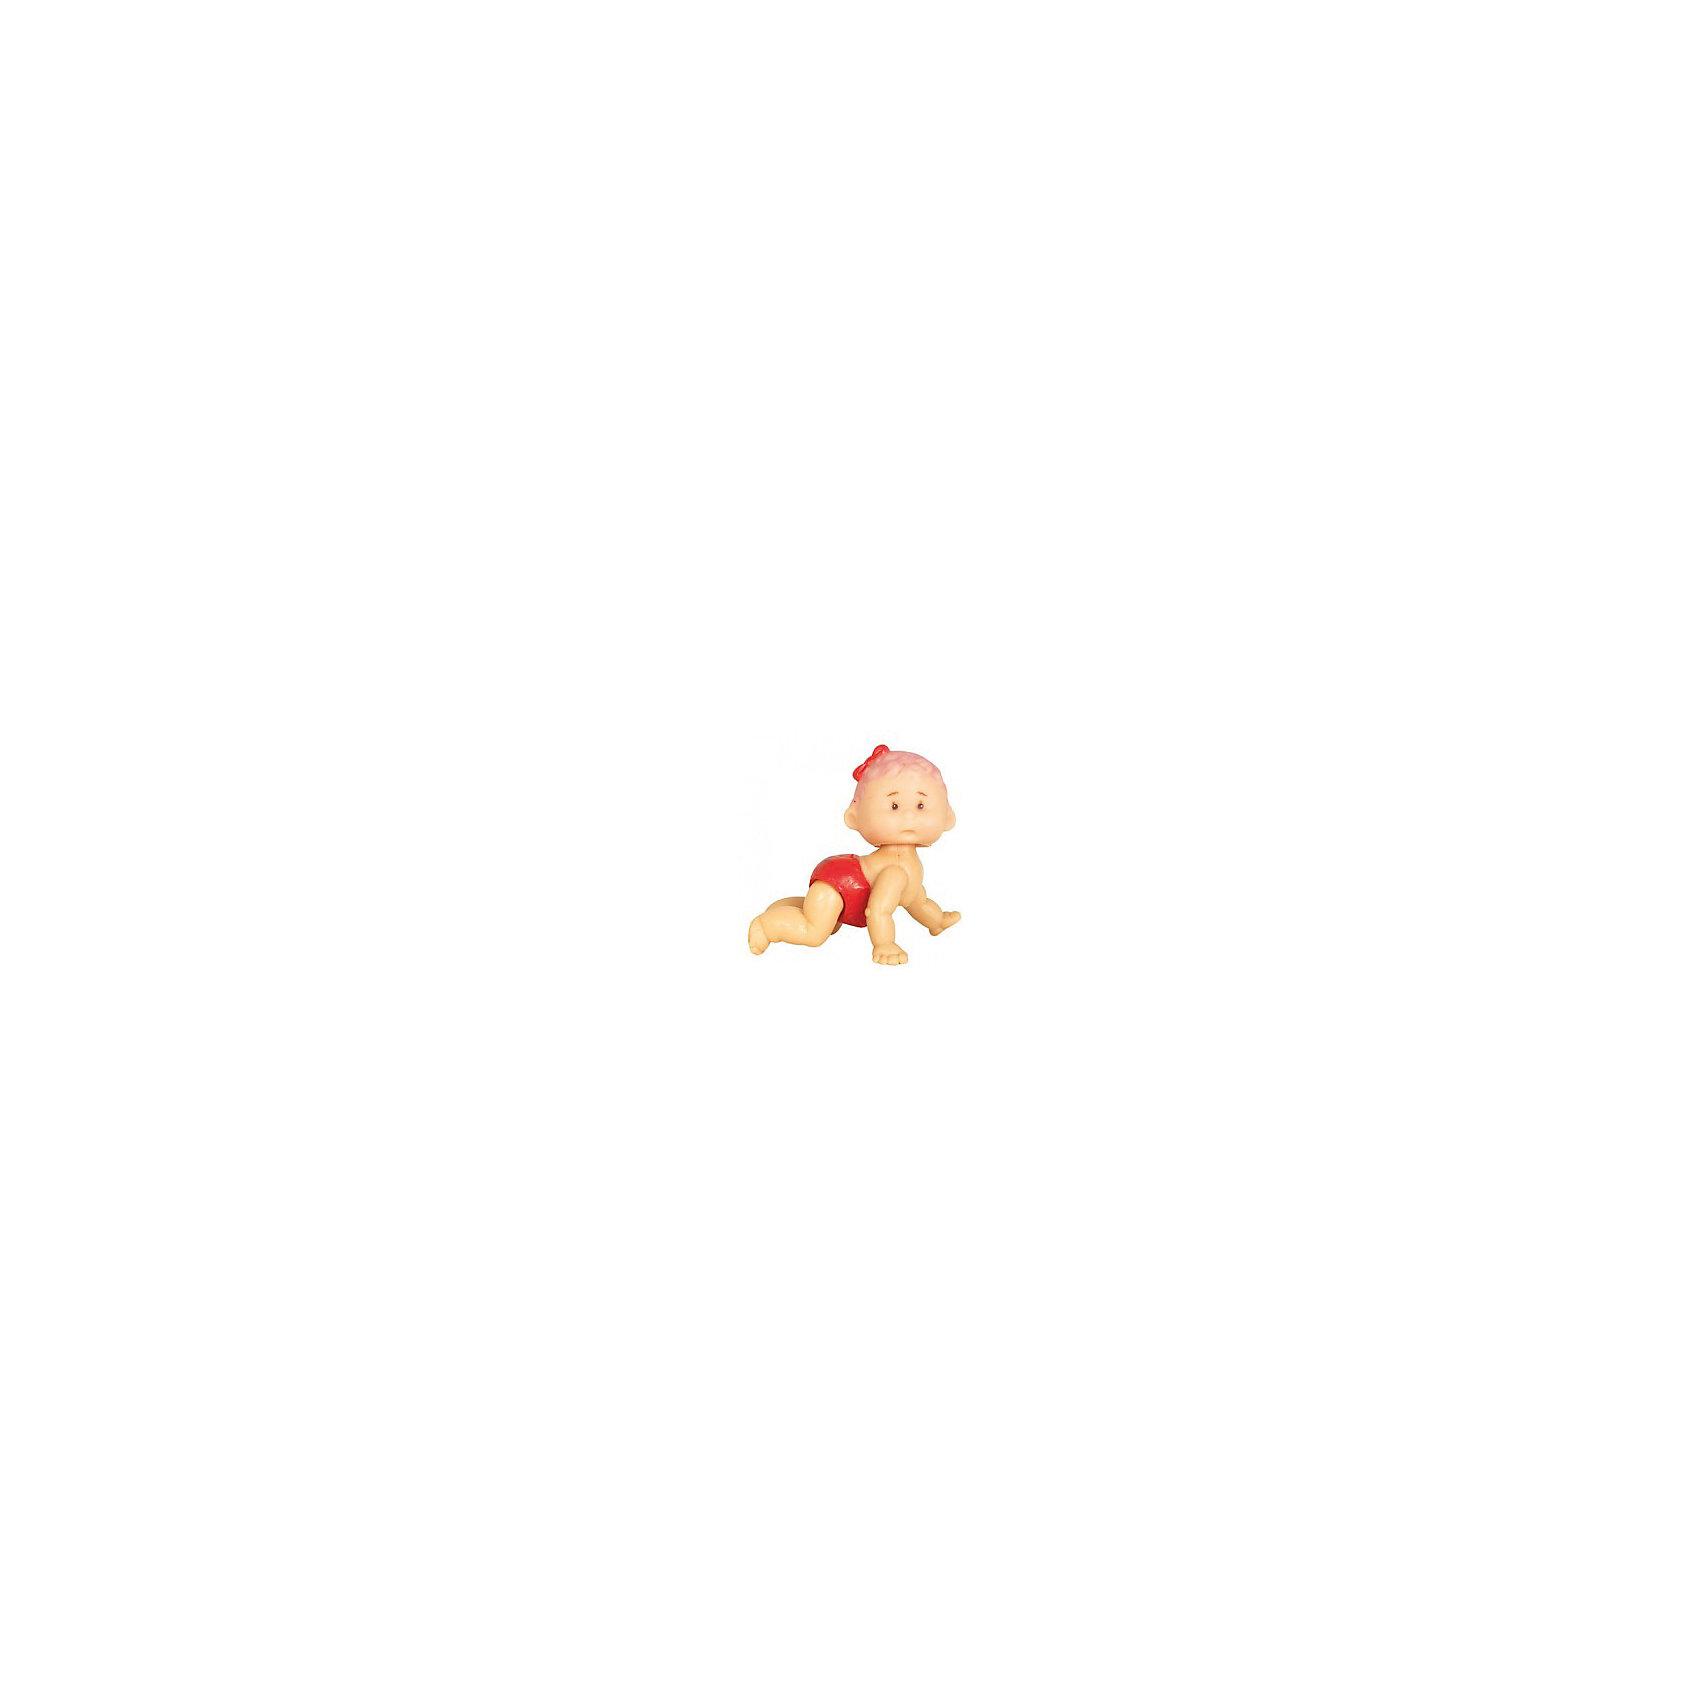 Пупс Элли Яблоко, 7см, YogurtinisМилый пупс Элли Яблоко не оставит ребенка равнодушным. Ножки и ручки игрушки подвижны. Оригинальное личико, необычное имя и приятный запах фруктового йогурта вызовут море позитивных эмоций у малыша.<br><br>Дополнительная информация:<br>Материал: пластик, ароматизатор<br>Высота пупса: 7 см<br>Пупса Элли Яблоко можно приобрести в нашем интернет-магазине.<br><br>Ширина мм: 75<br>Глубина мм: 75<br>Высота мм: 70<br>Вес г: 30<br>Возраст от месяцев: 36<br>Возраст до месяцев: 84<br>Пол: Женский<br>Возраст: Детский<br>SKU: 4944600